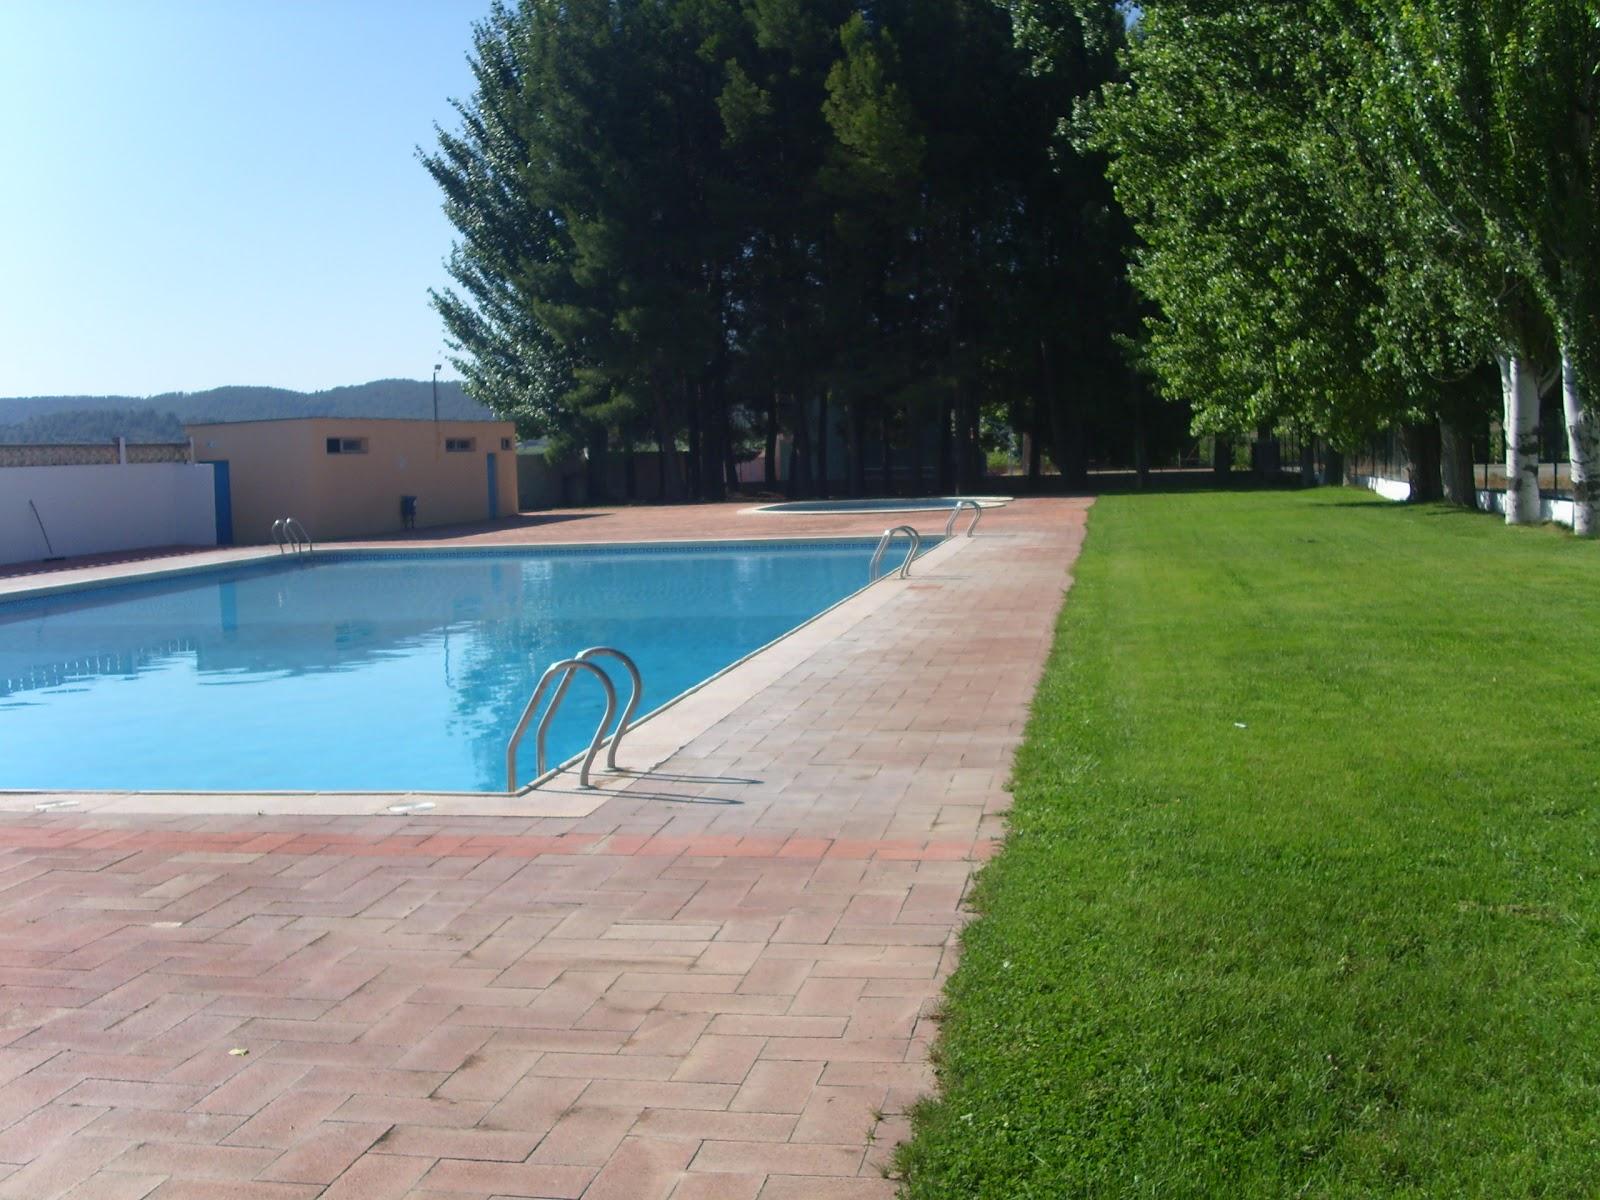 Campo arc s la piscina de campo arc s abre sus puertas for Puerta 7 campo de mayo